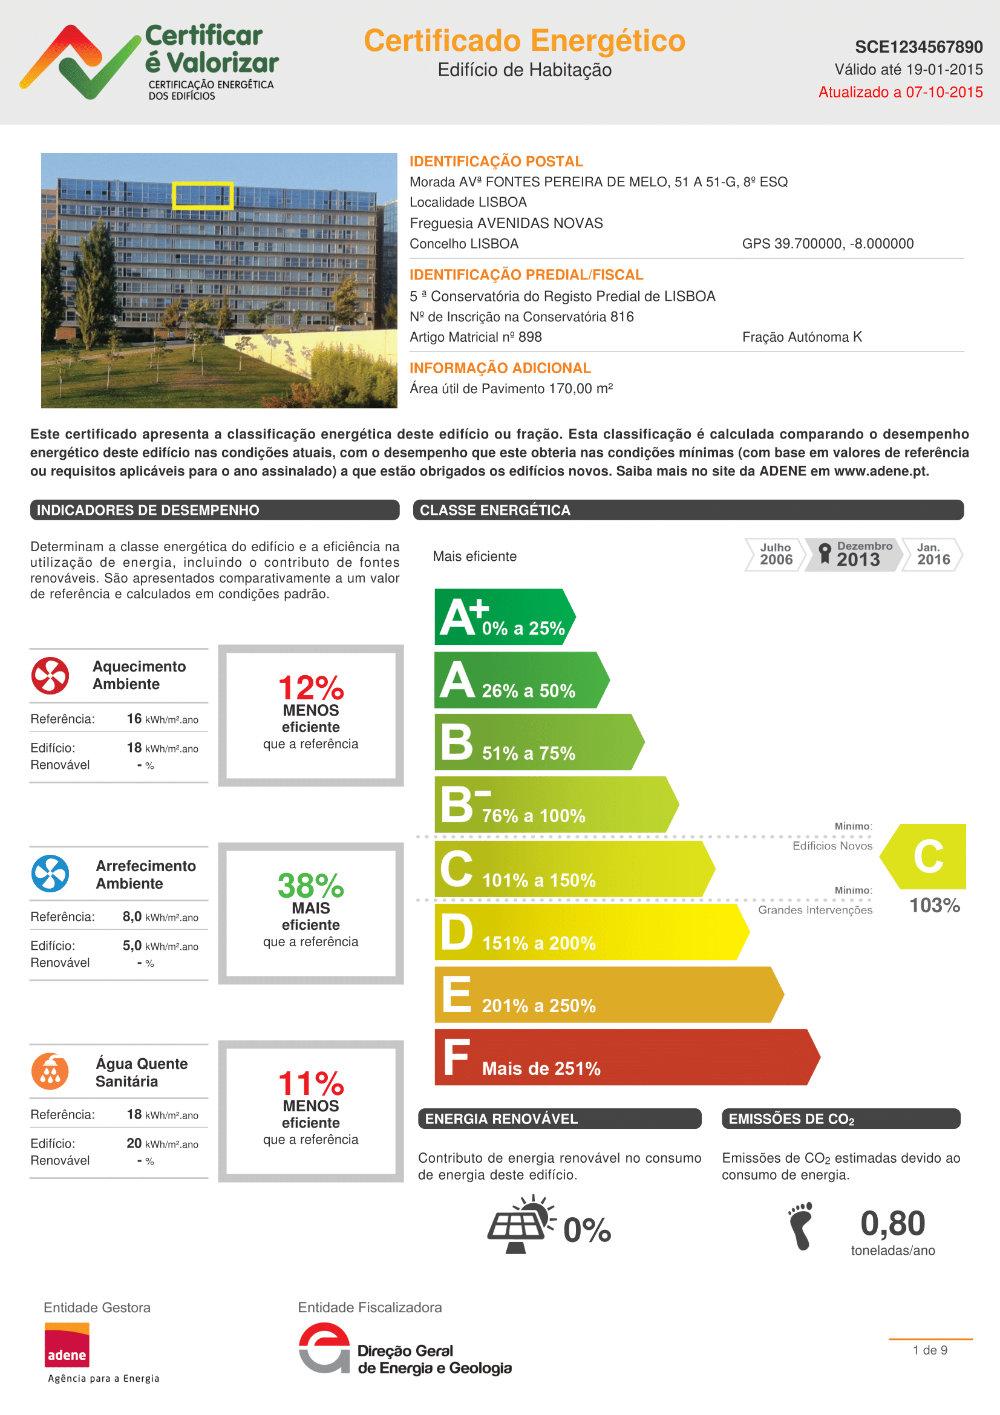 Certificado Energético - ADENE